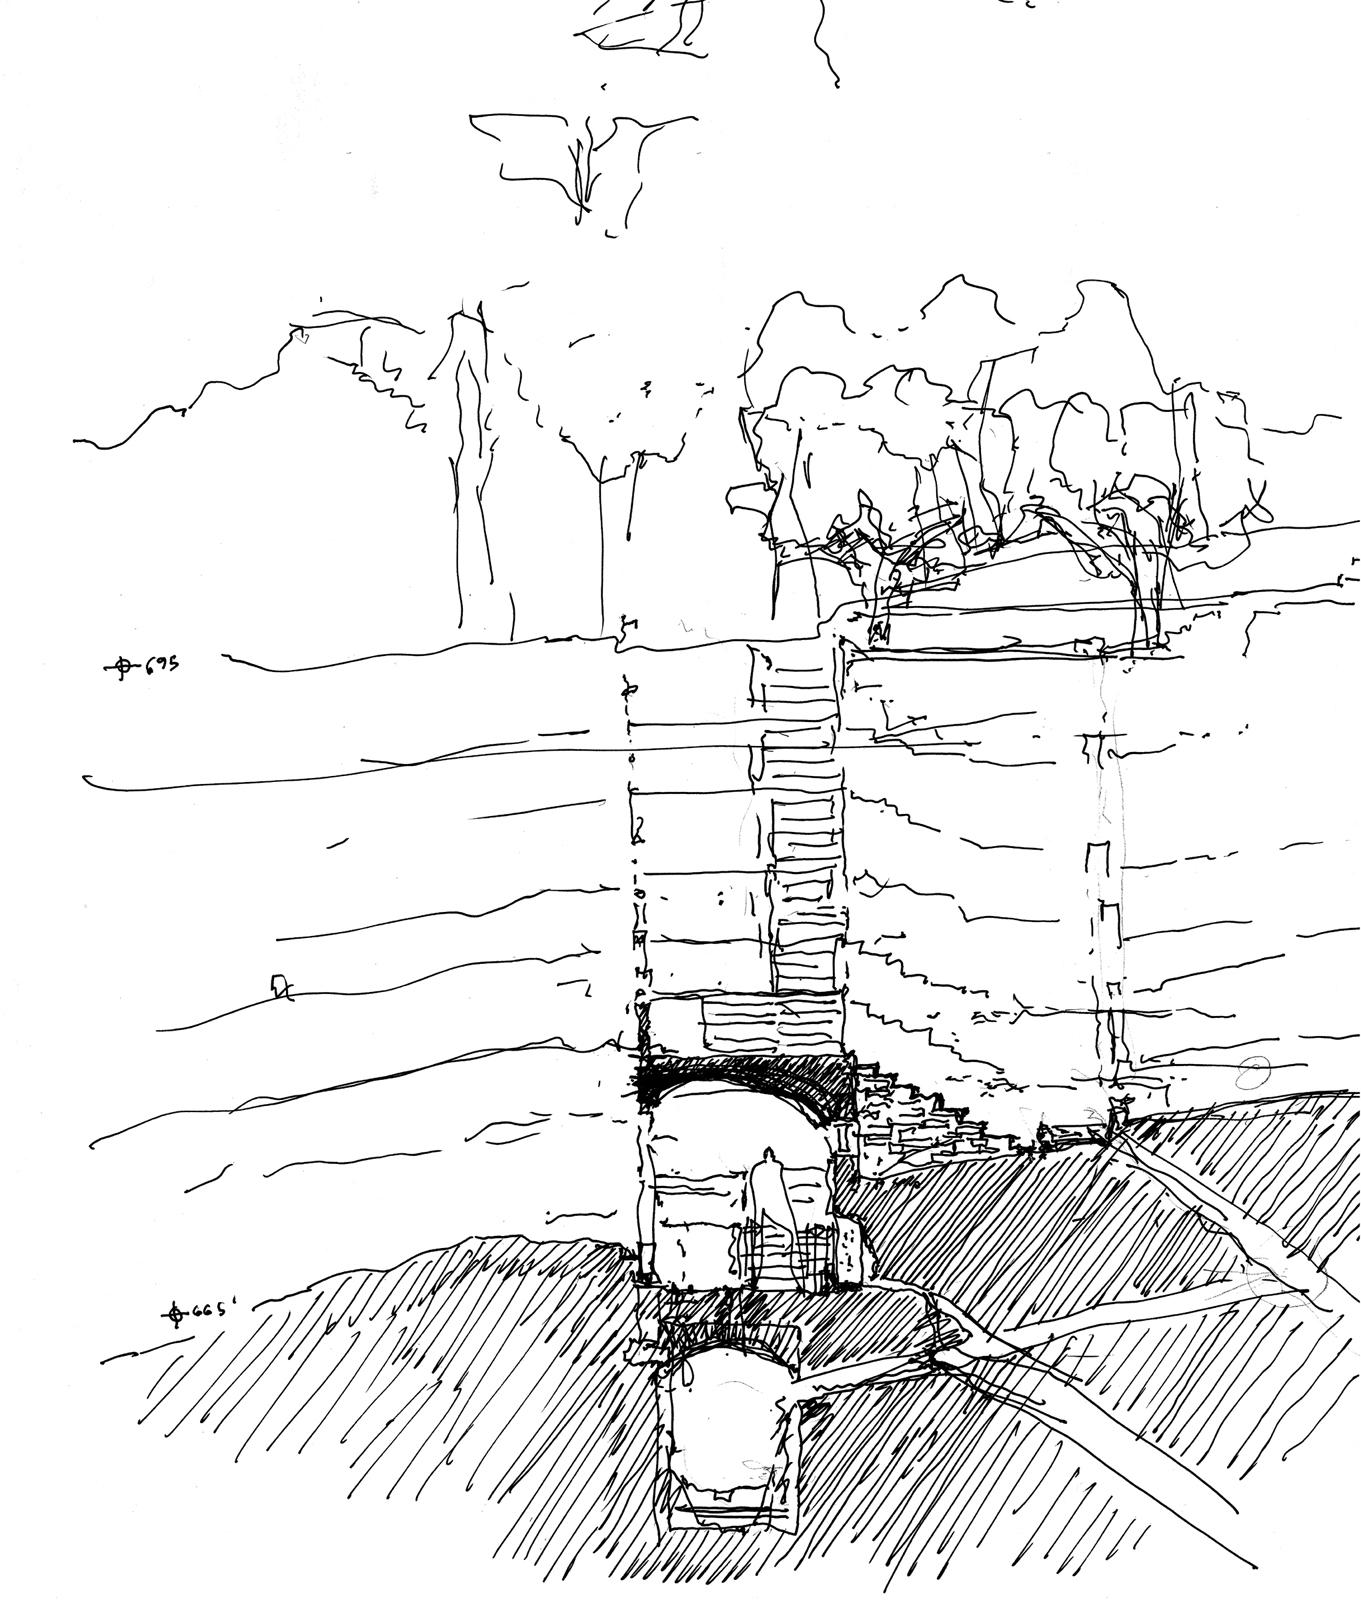 Hot Springs_sketch(2).jpg